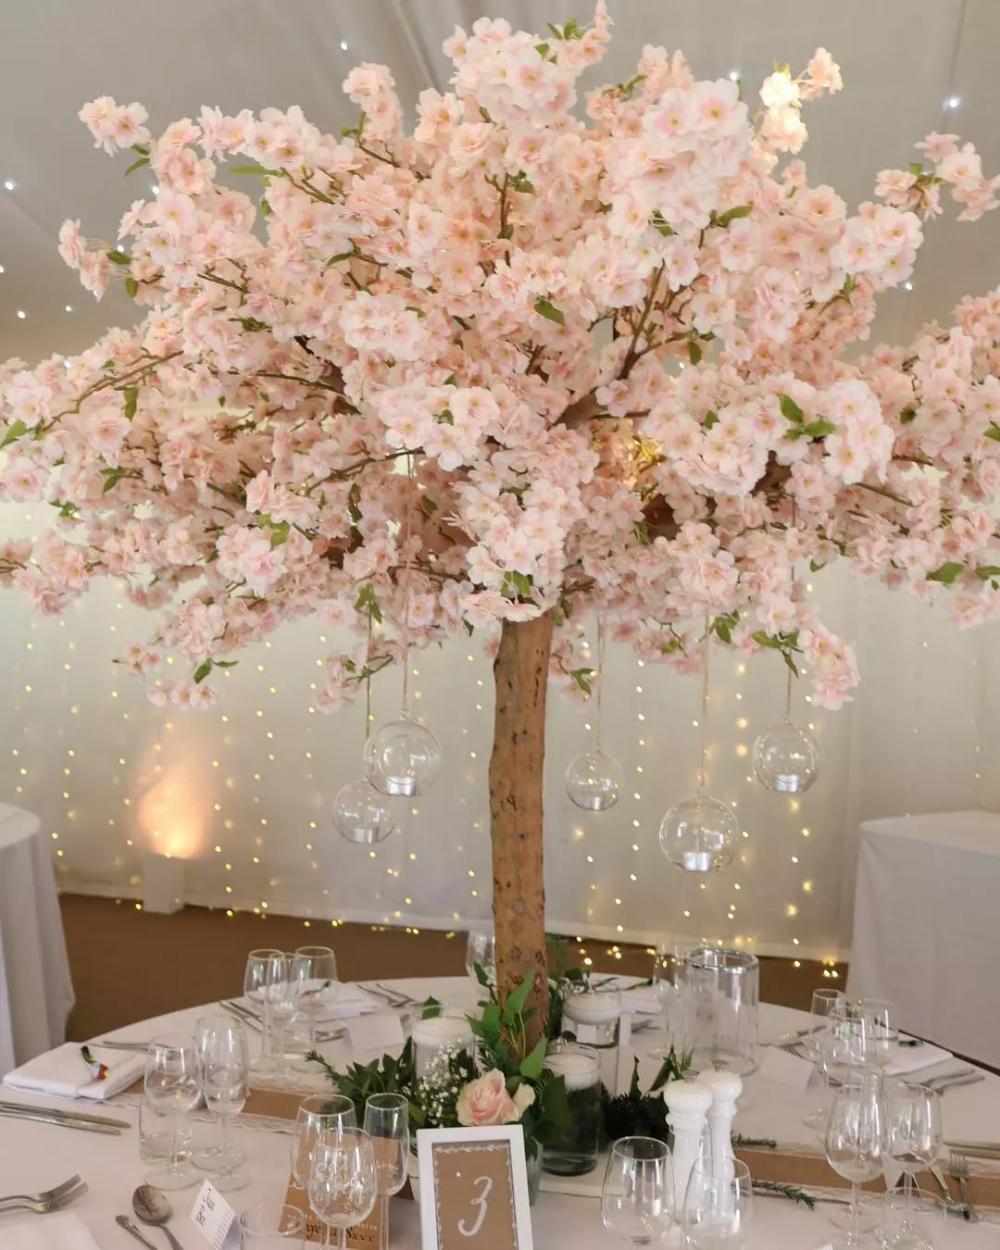 Plastic Tree Centerpiece Blossom Tree Wedding Cherry Blossom Theme Cherry Blossom Centerpiece